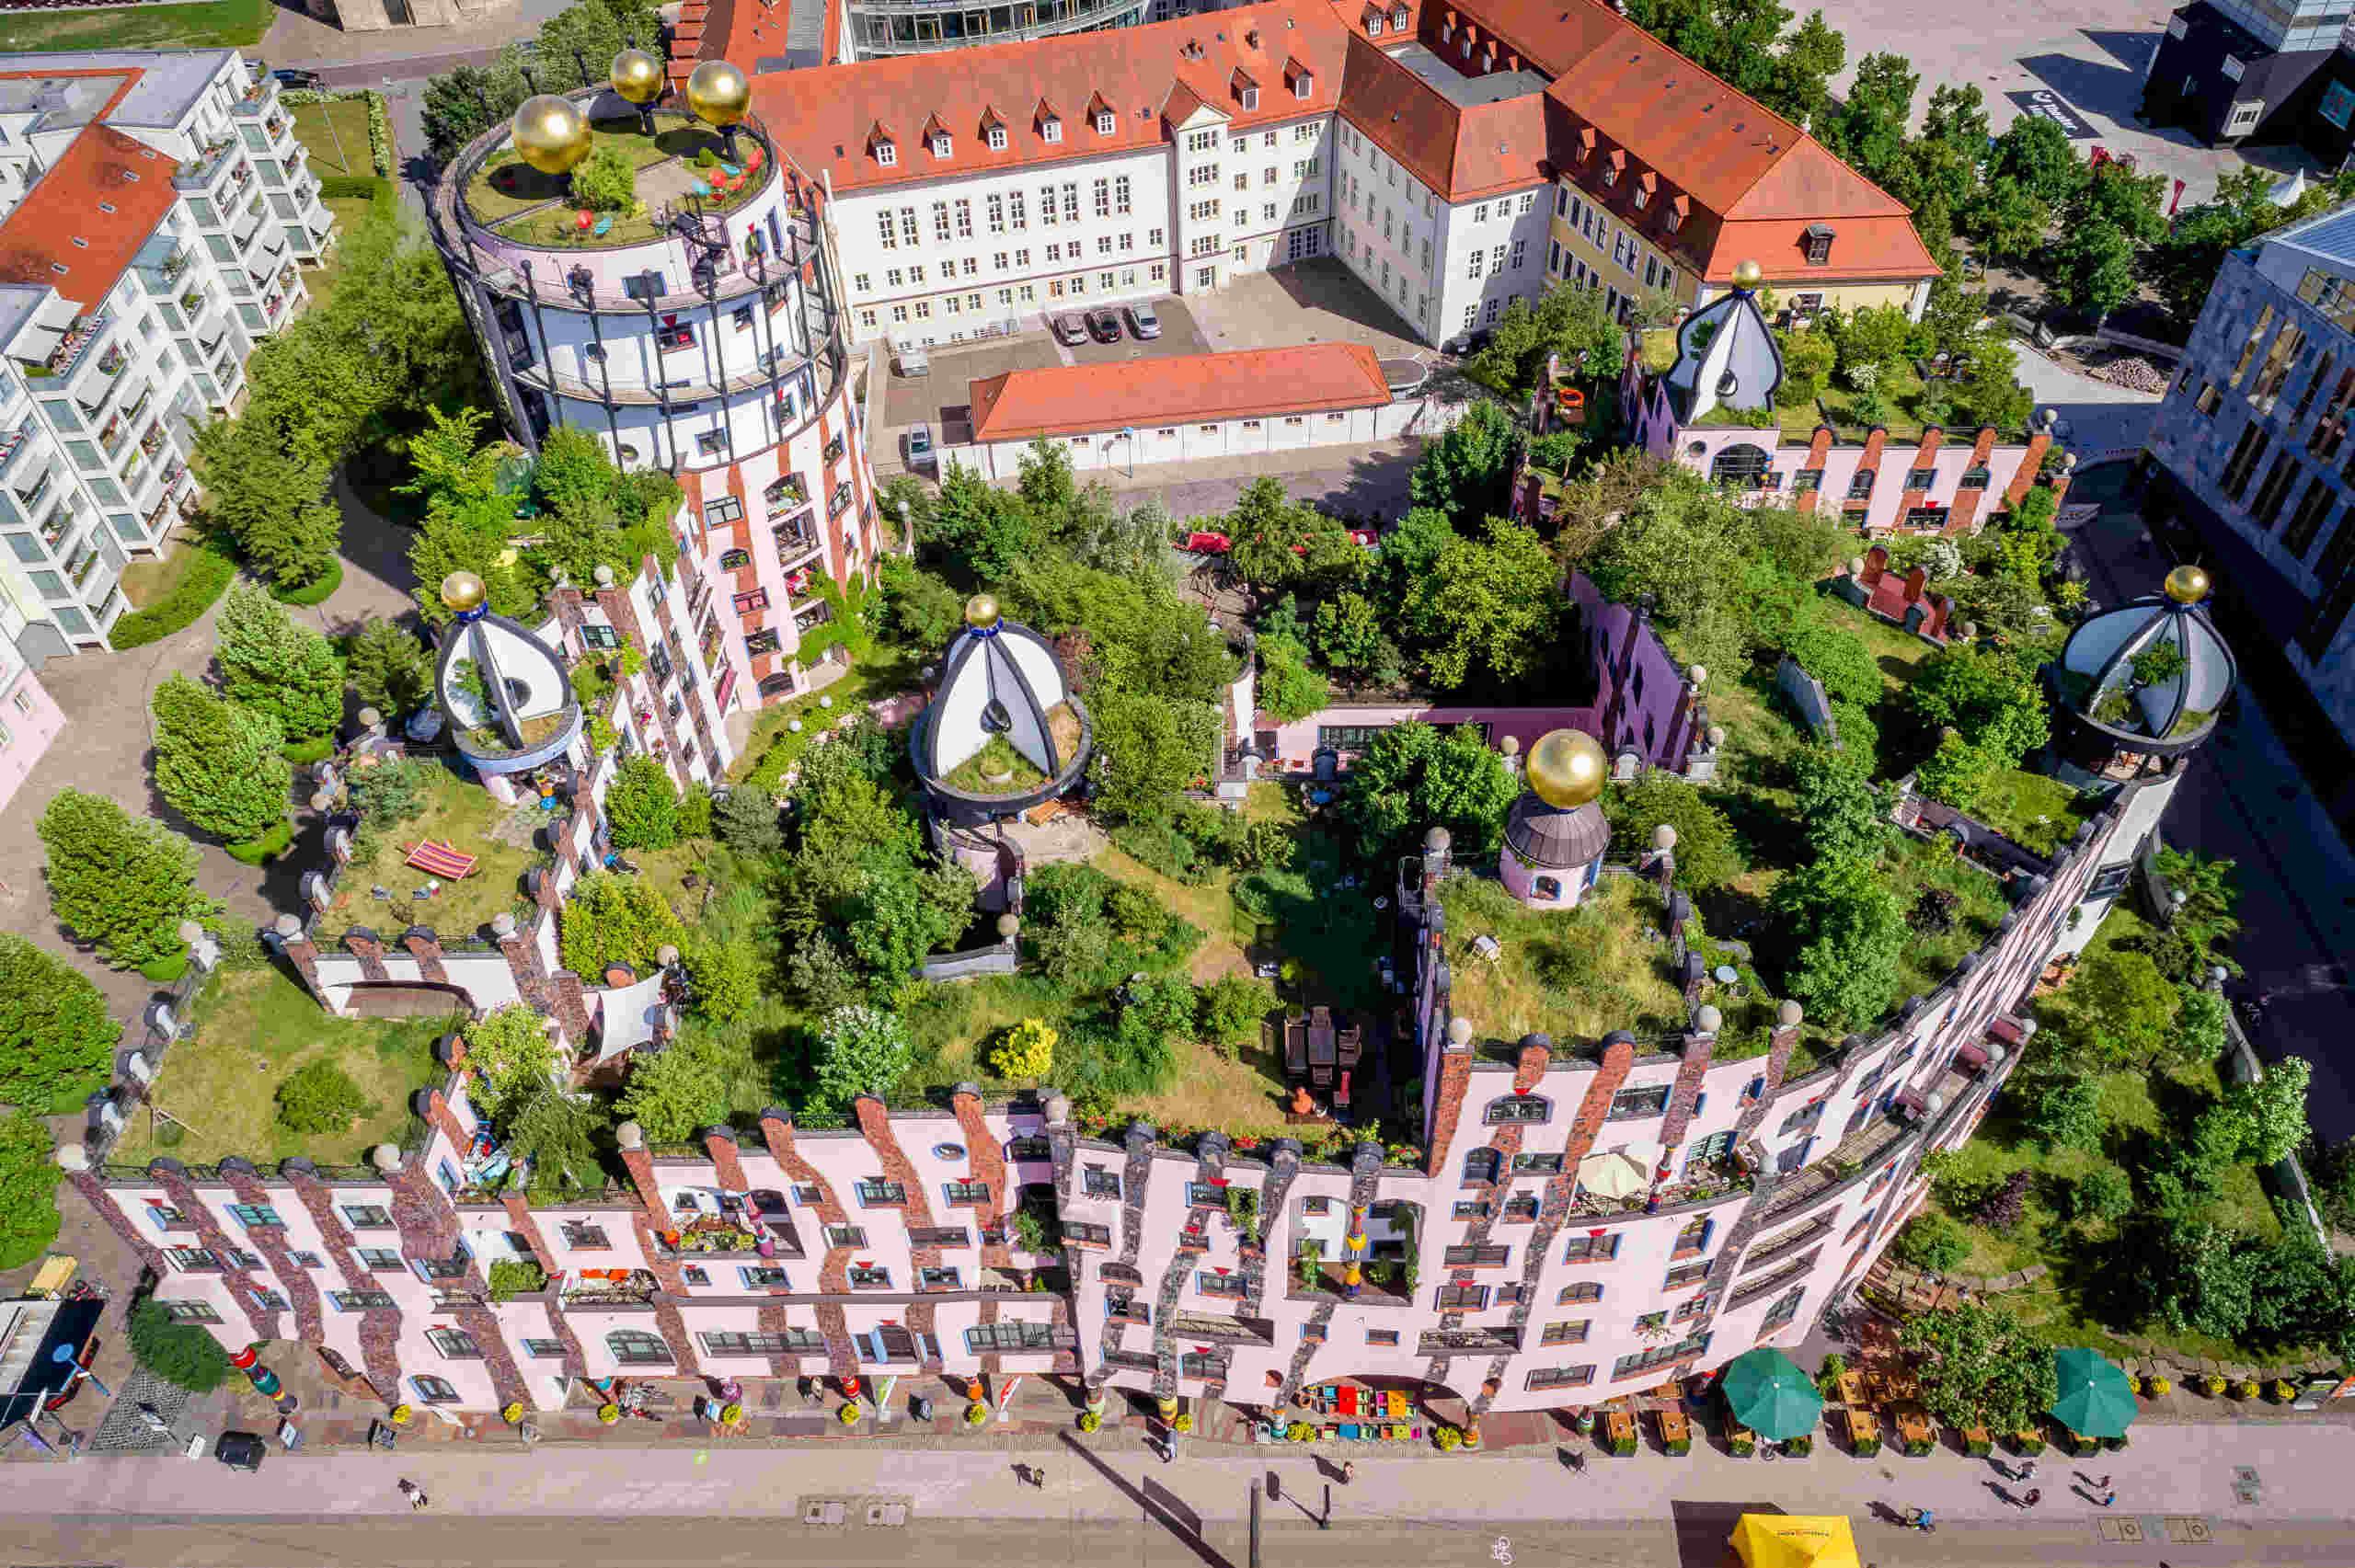 Die Grüne Zitadelle in Magdeburg, Dachbegrünung